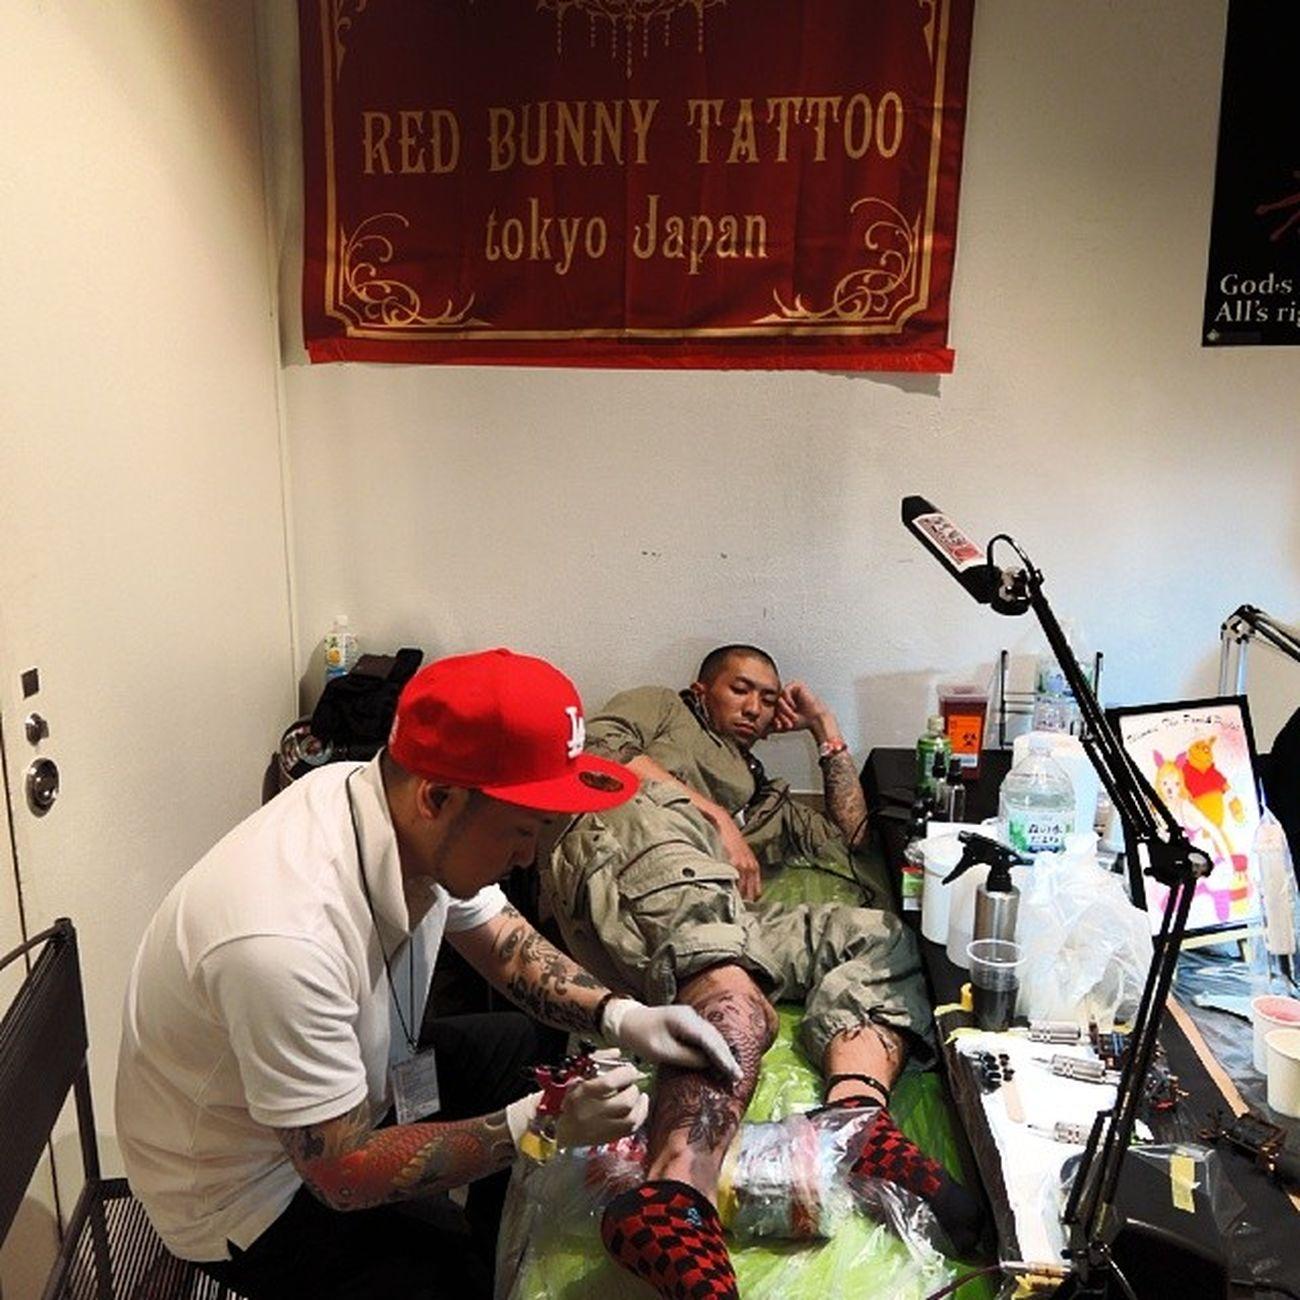 king of tattoo 2013 Kingoftattoo2013 Kot2013 Tattoo